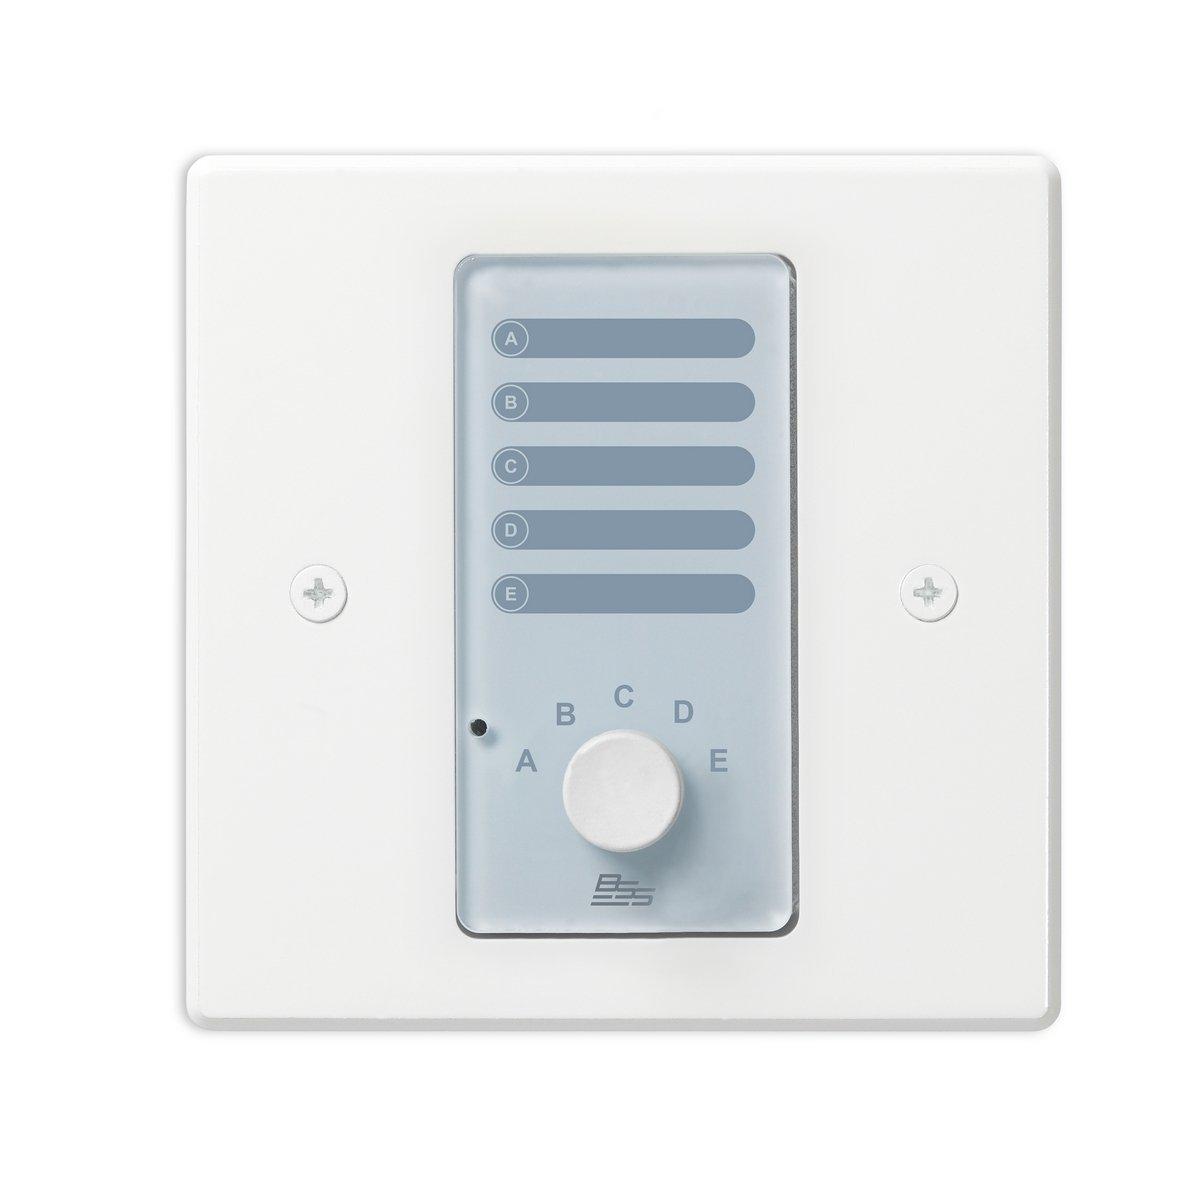 BSS Audio Analog Controller w/ 5 Sources (White - EU)